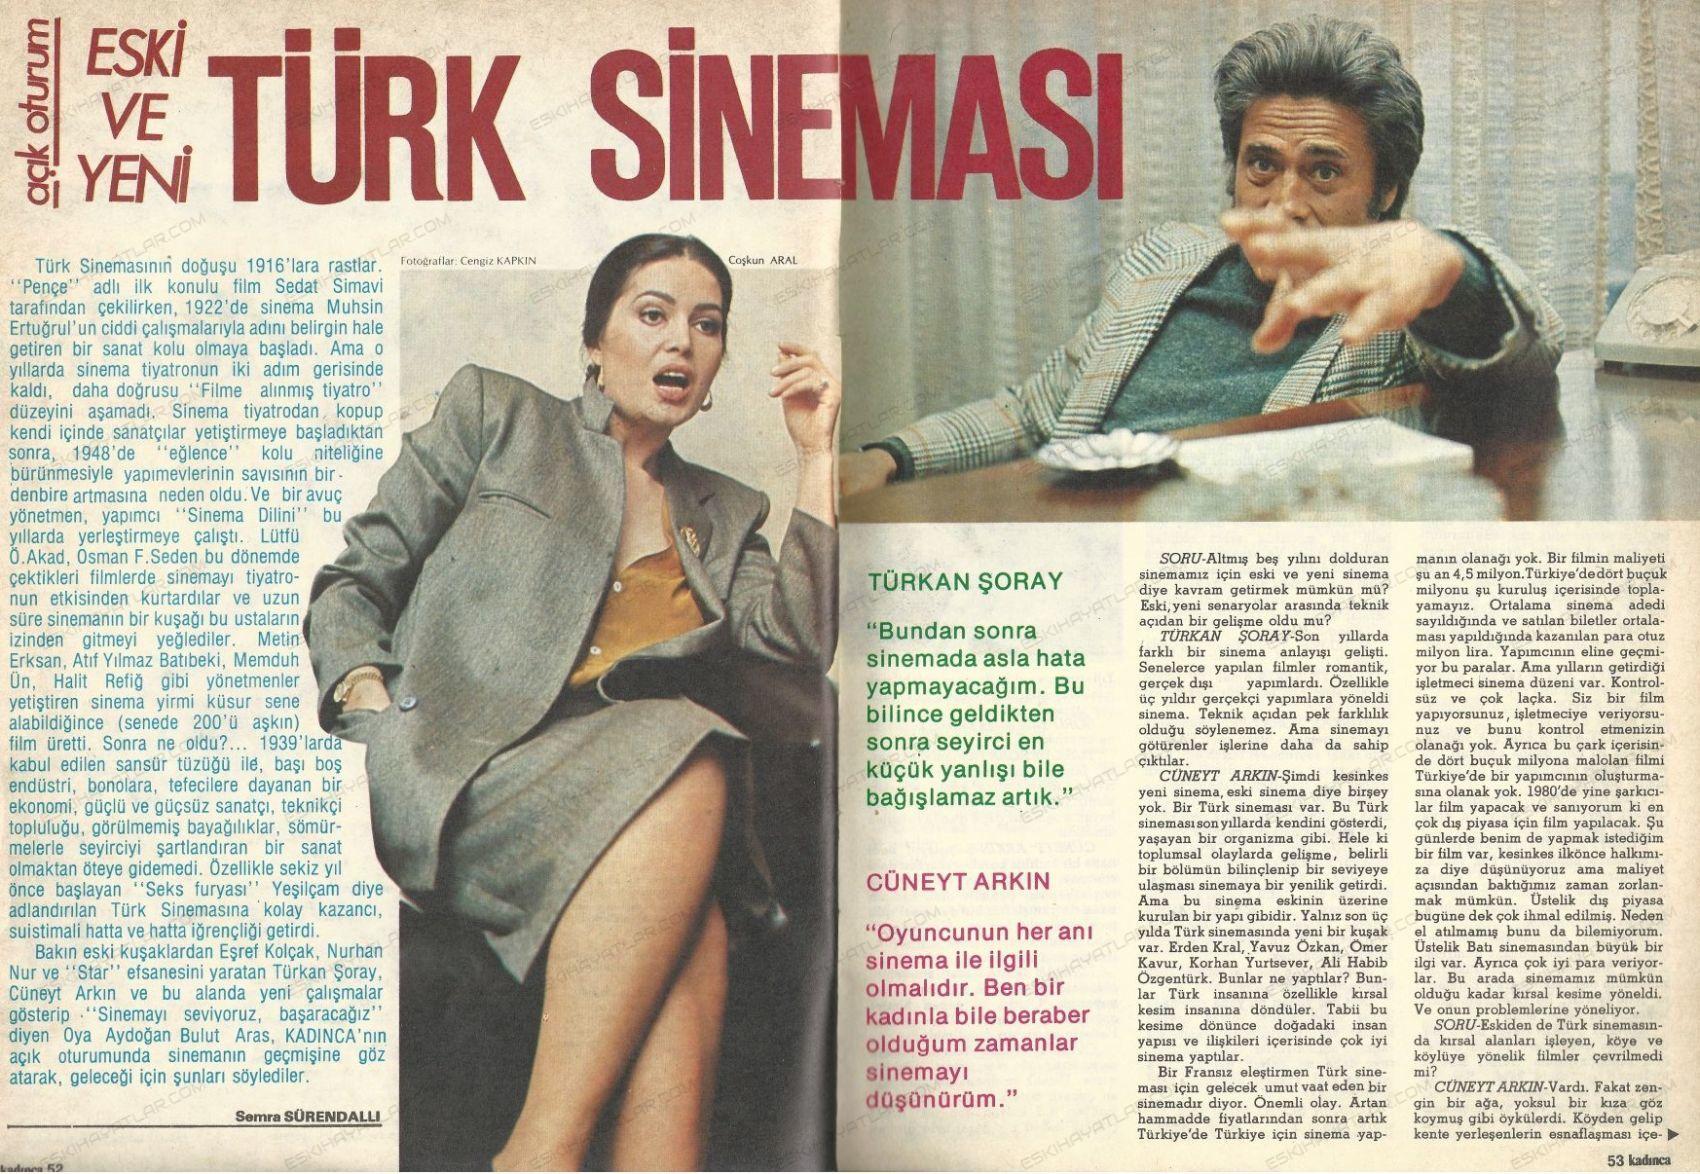 0120-seksenli-yillarda-turk-sinemasi-turkan-soray-roportaji-cuneyt-arkin-1981-kadinca-dergisi (3)